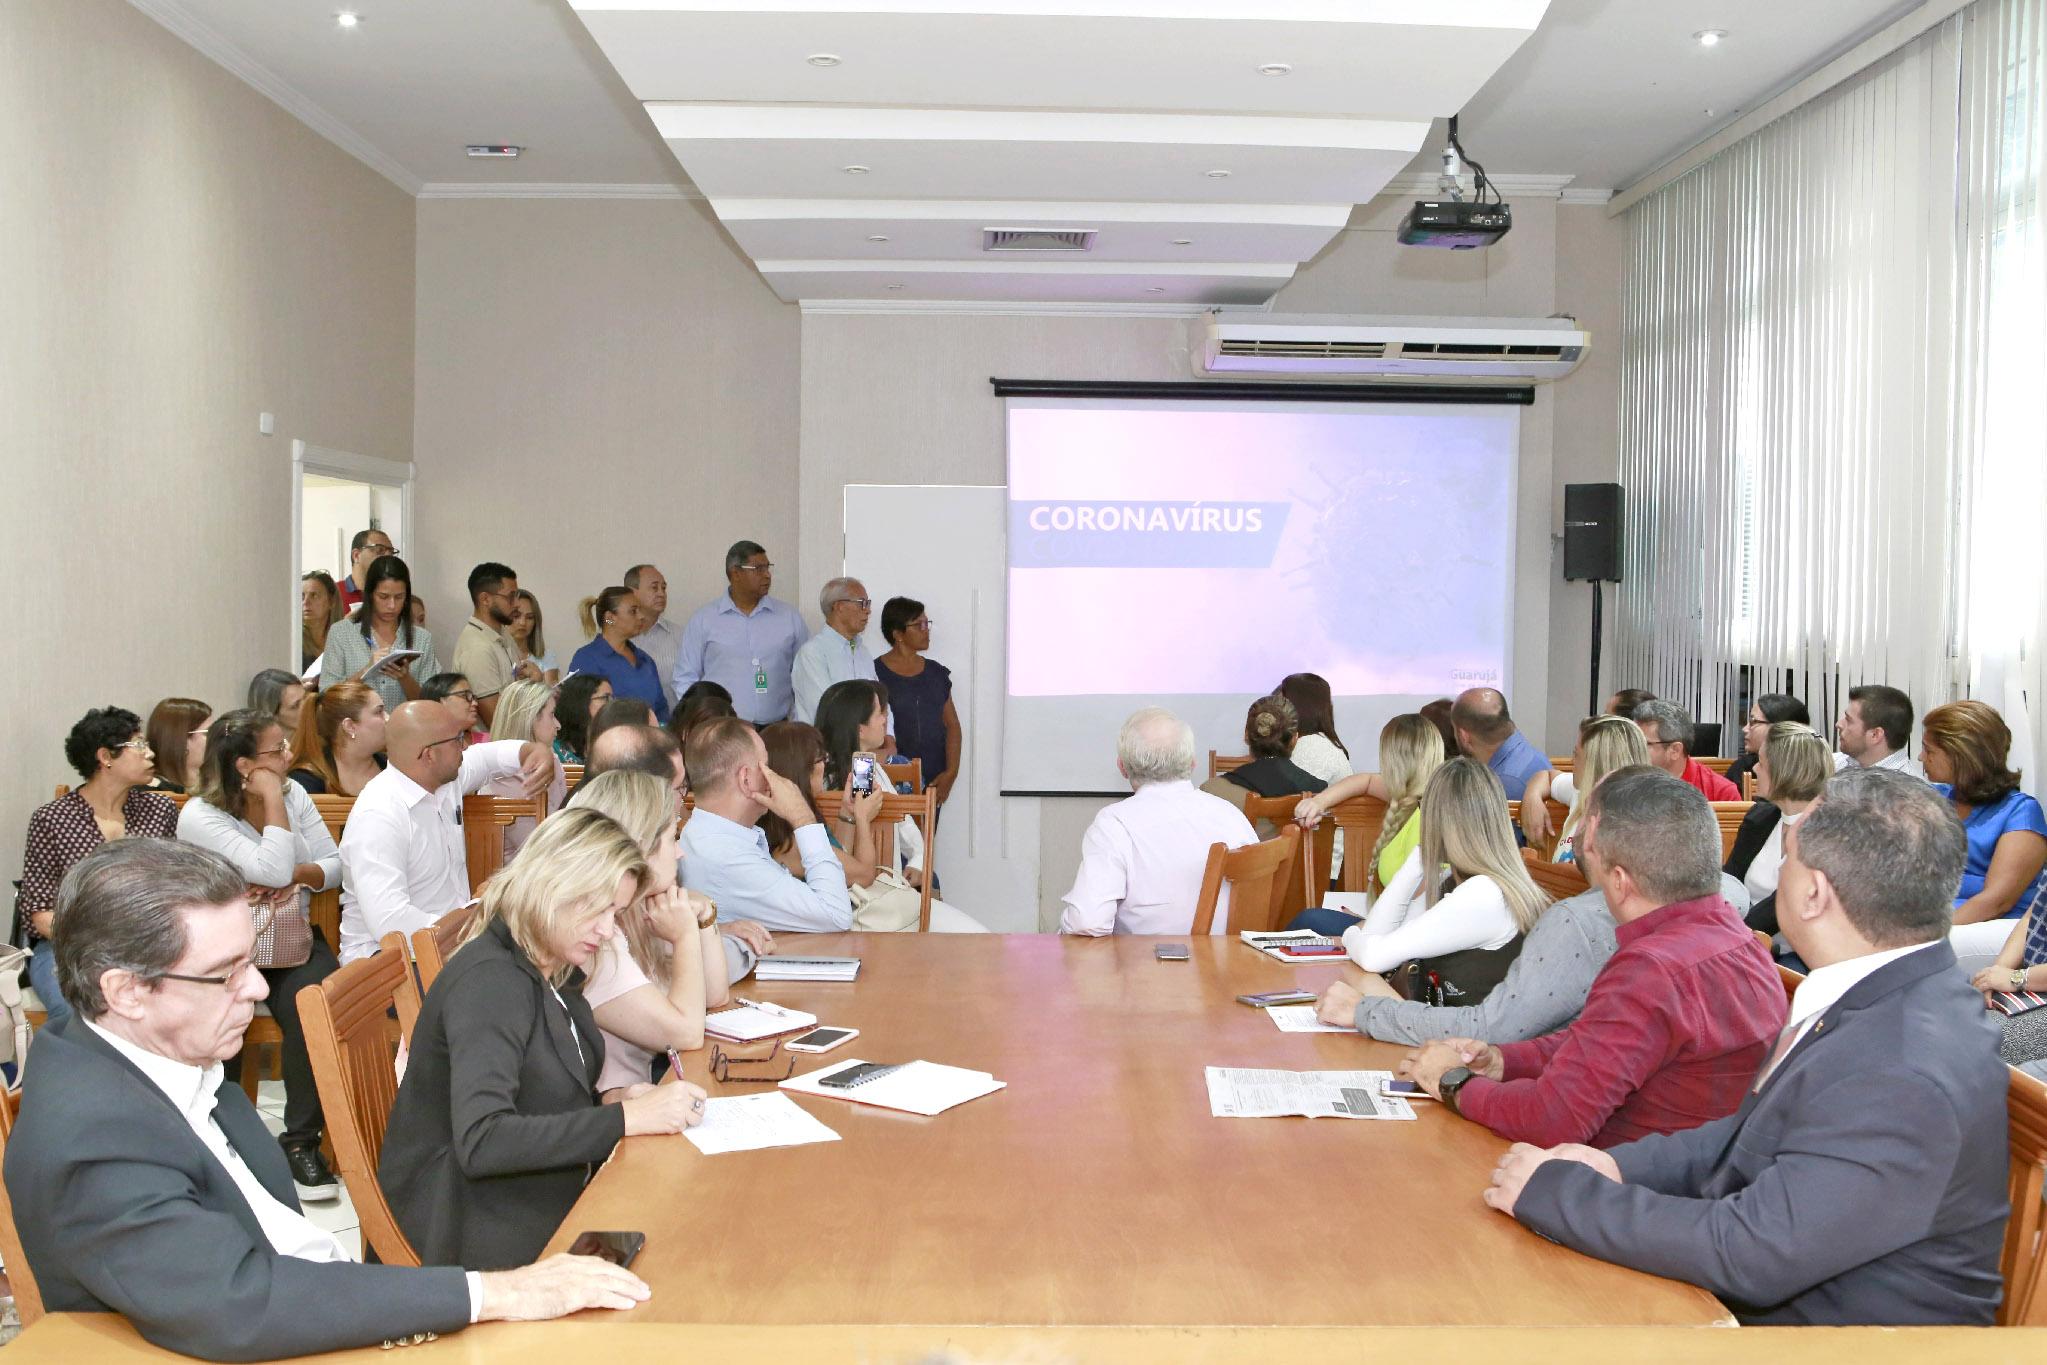 Prefeitura cria 'Sala de Situação' em prevenção aos coronavírus